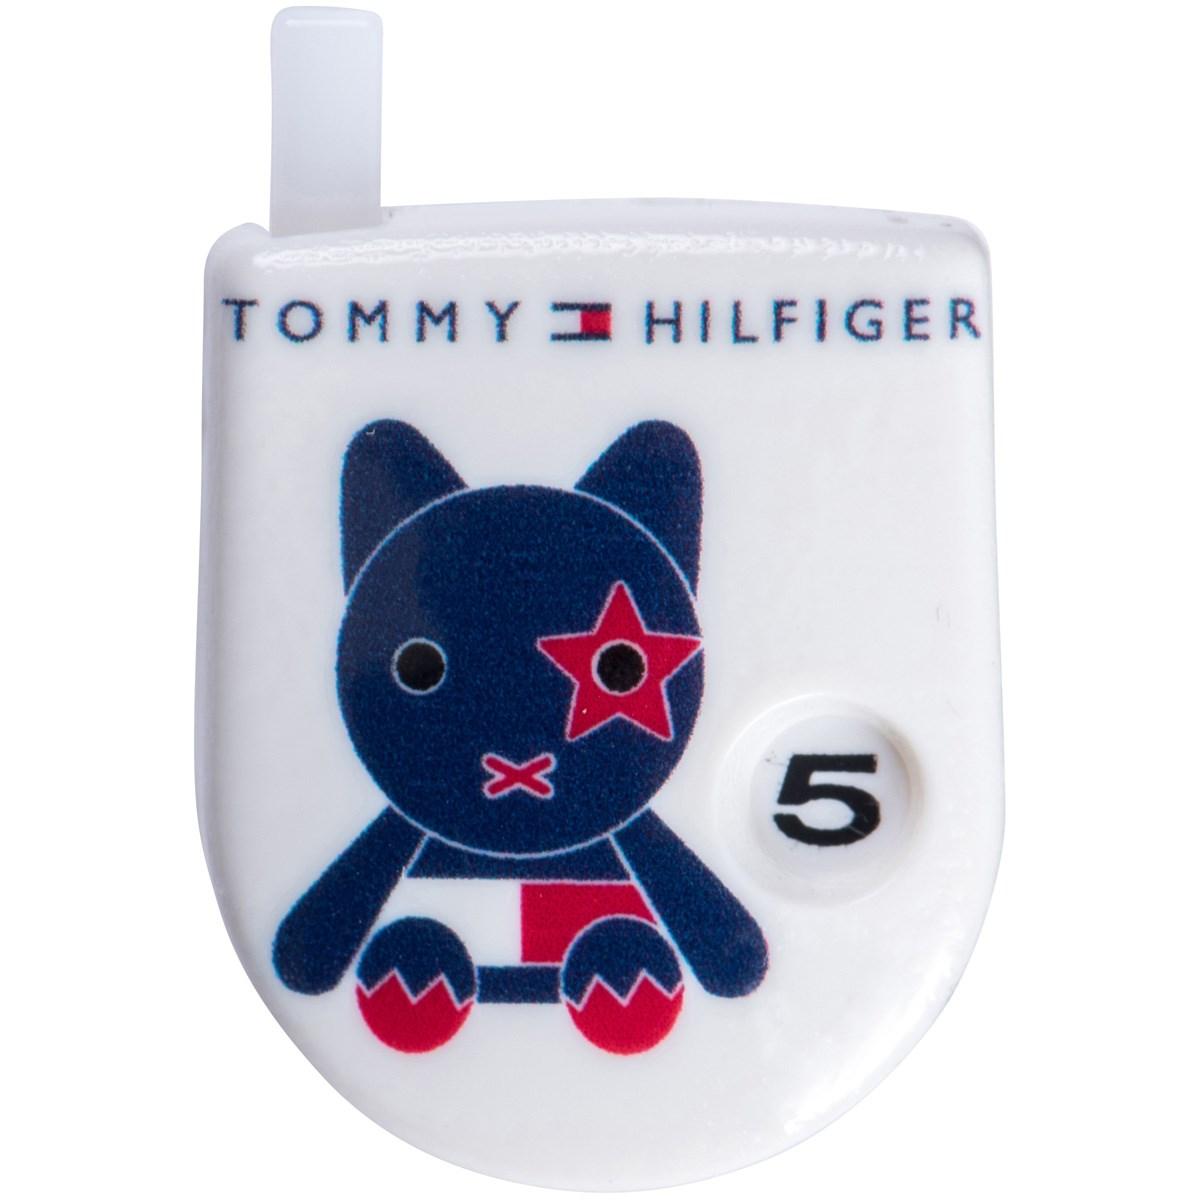 トミー ヒルフィガー ゴルフ TOMMY HILFIGER GOLF MASCOT カウンター ホワイト 00